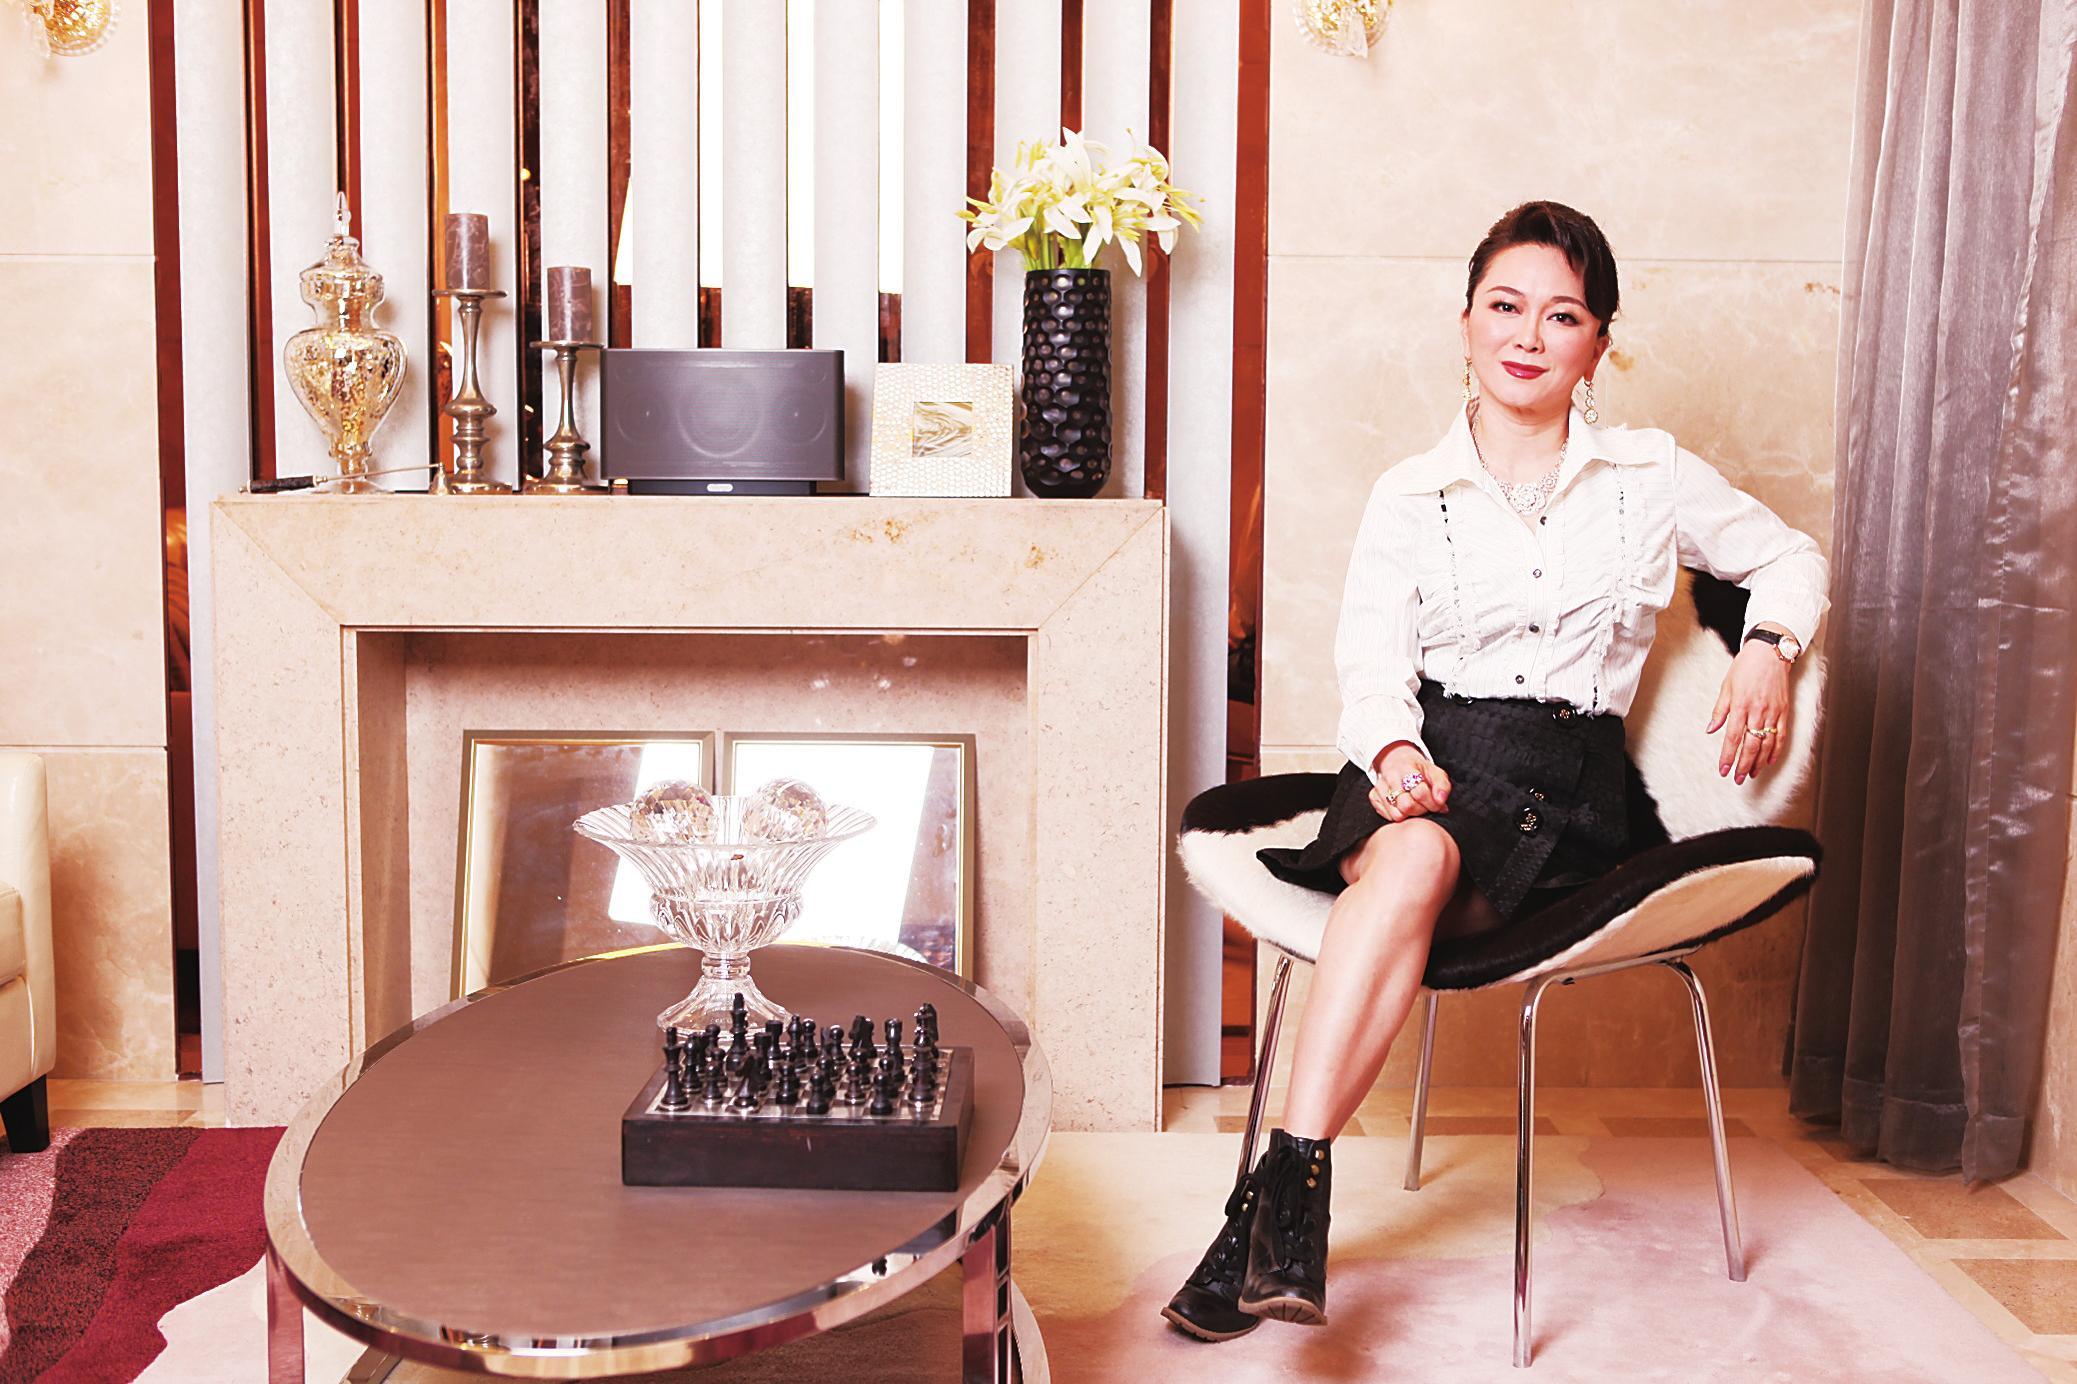 对张亚玲来说,选择在47岁的时候重新开始新的事业,再战中国消费电子和IT行业,是她对自己人生与事业的再一次挑战